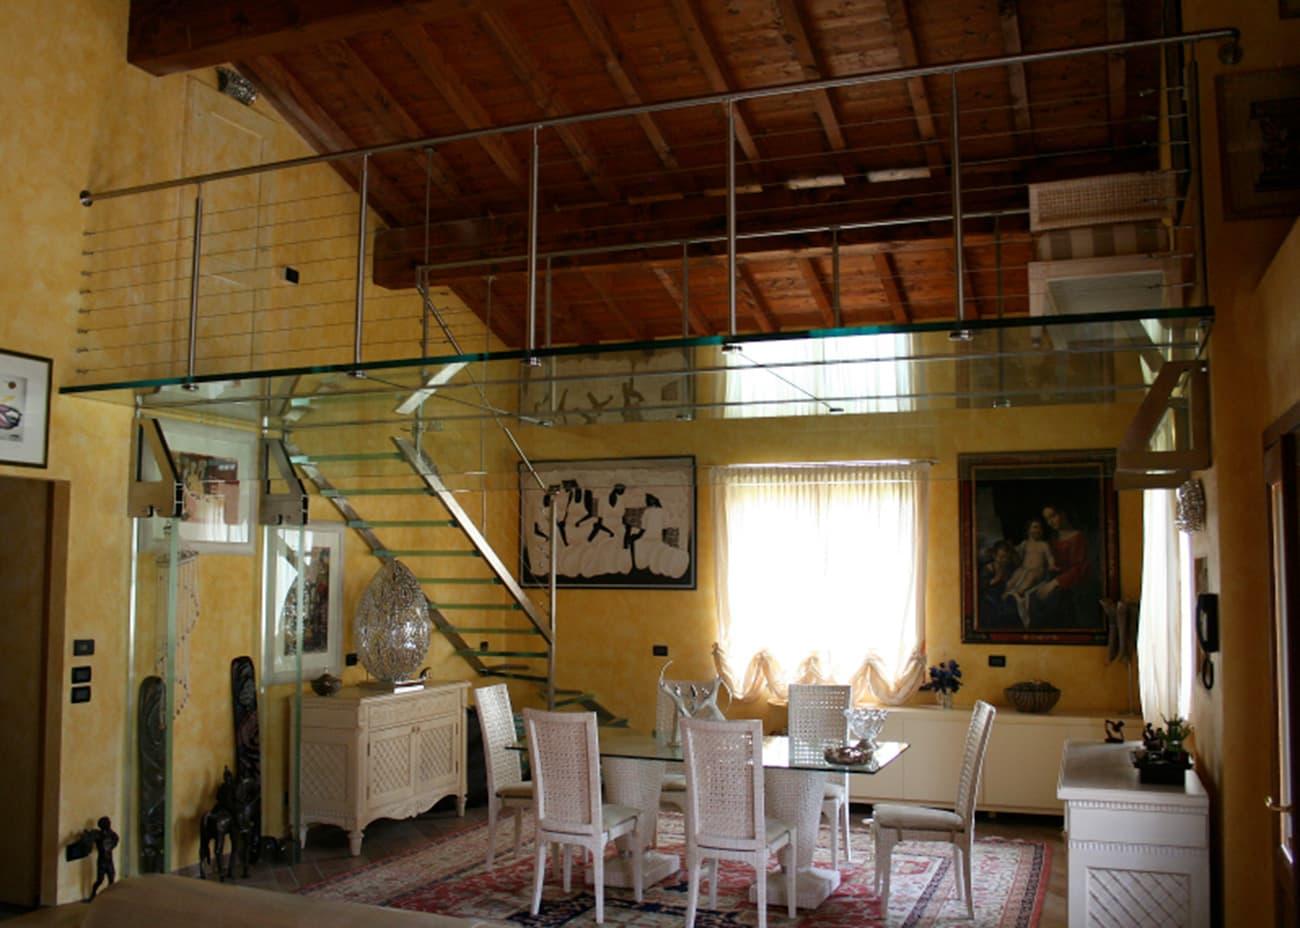 soppalco in villa privata realizzato e progettato da Vetrostrutturale, azienda Bresciana